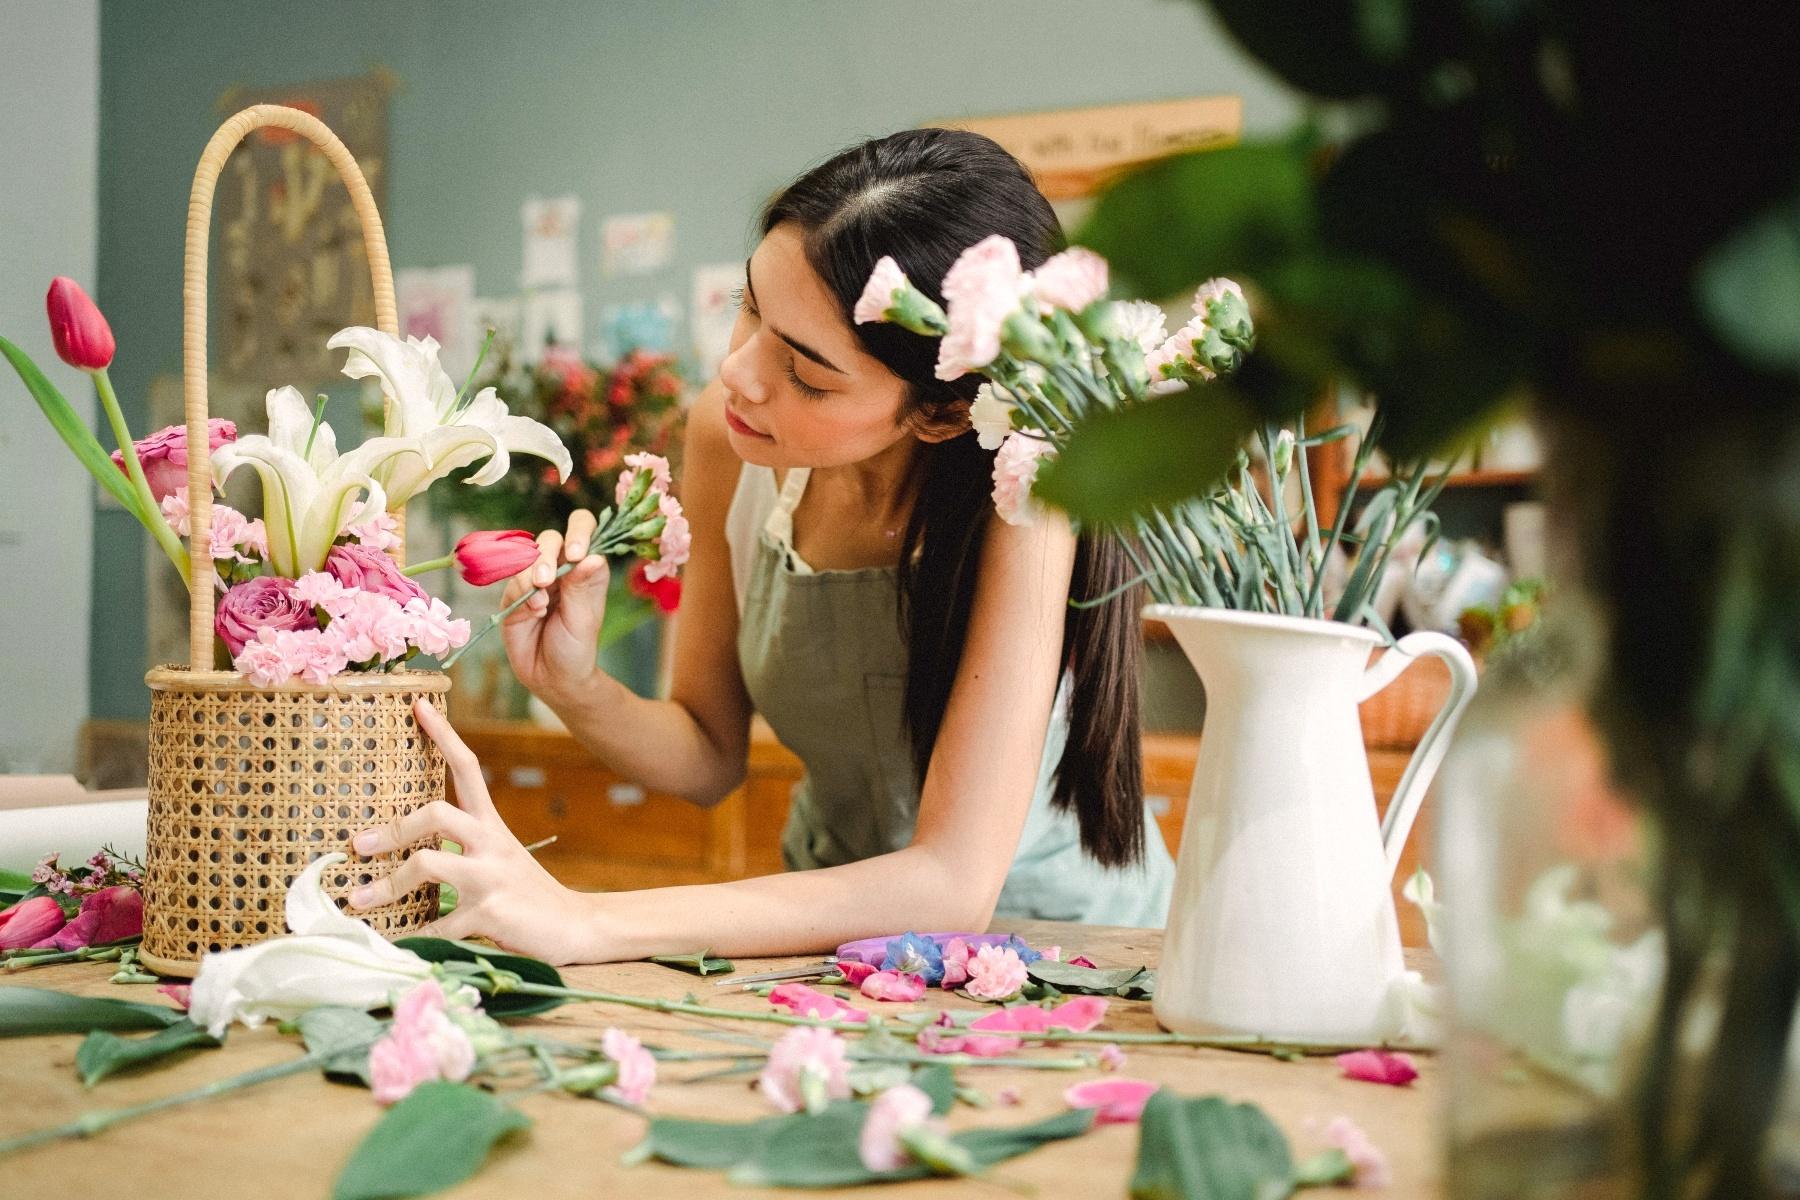 【台中花藝DIY推薦】IG最夯乾燥花、永生花課程,手作控不可錯過的6間台中乾燥花店